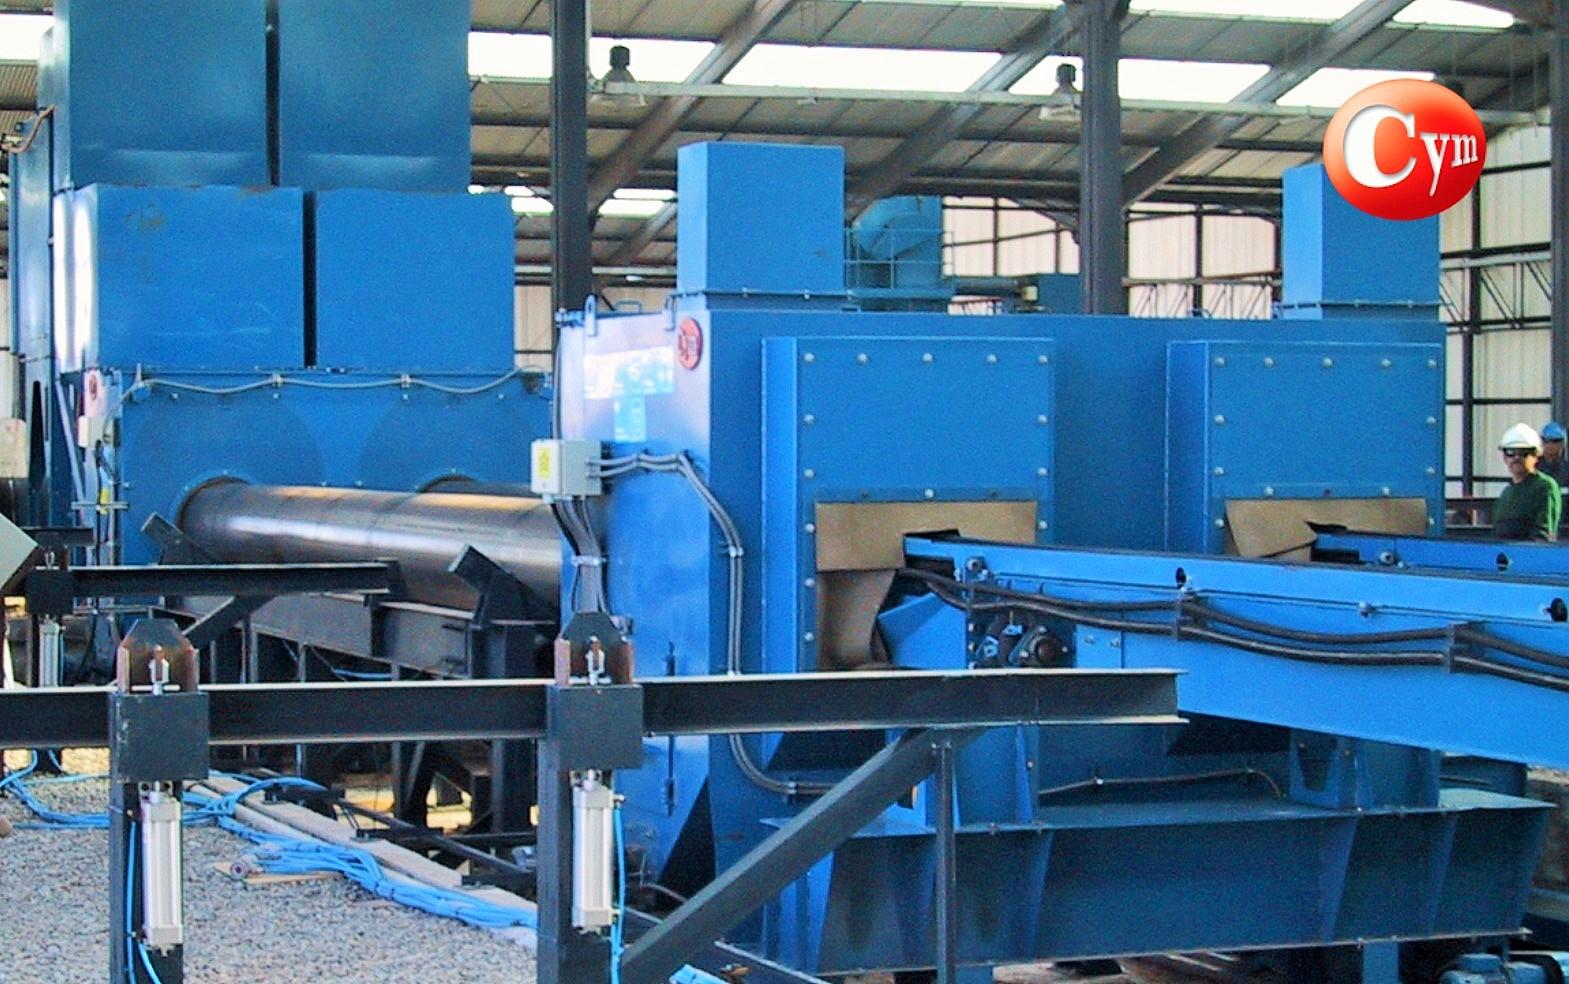 granalladora-de-interna-de-tubos-doble-lanza-turbinas-cymmateriales